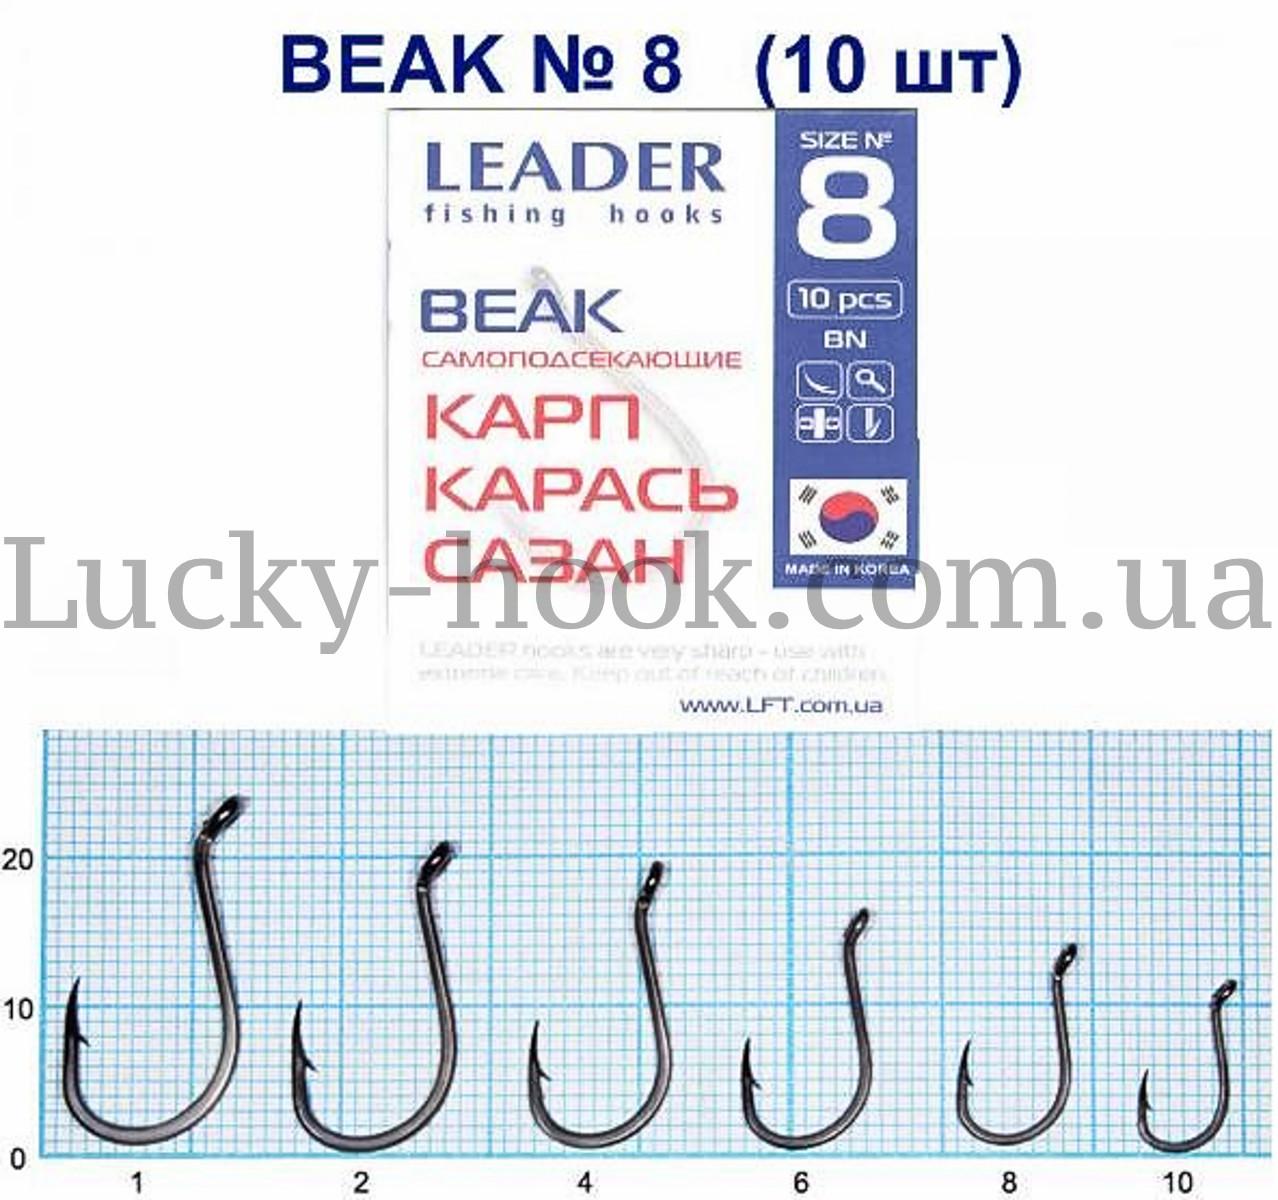 Крючок Leader BEAK BN (Карп, карась, сазан)  №8